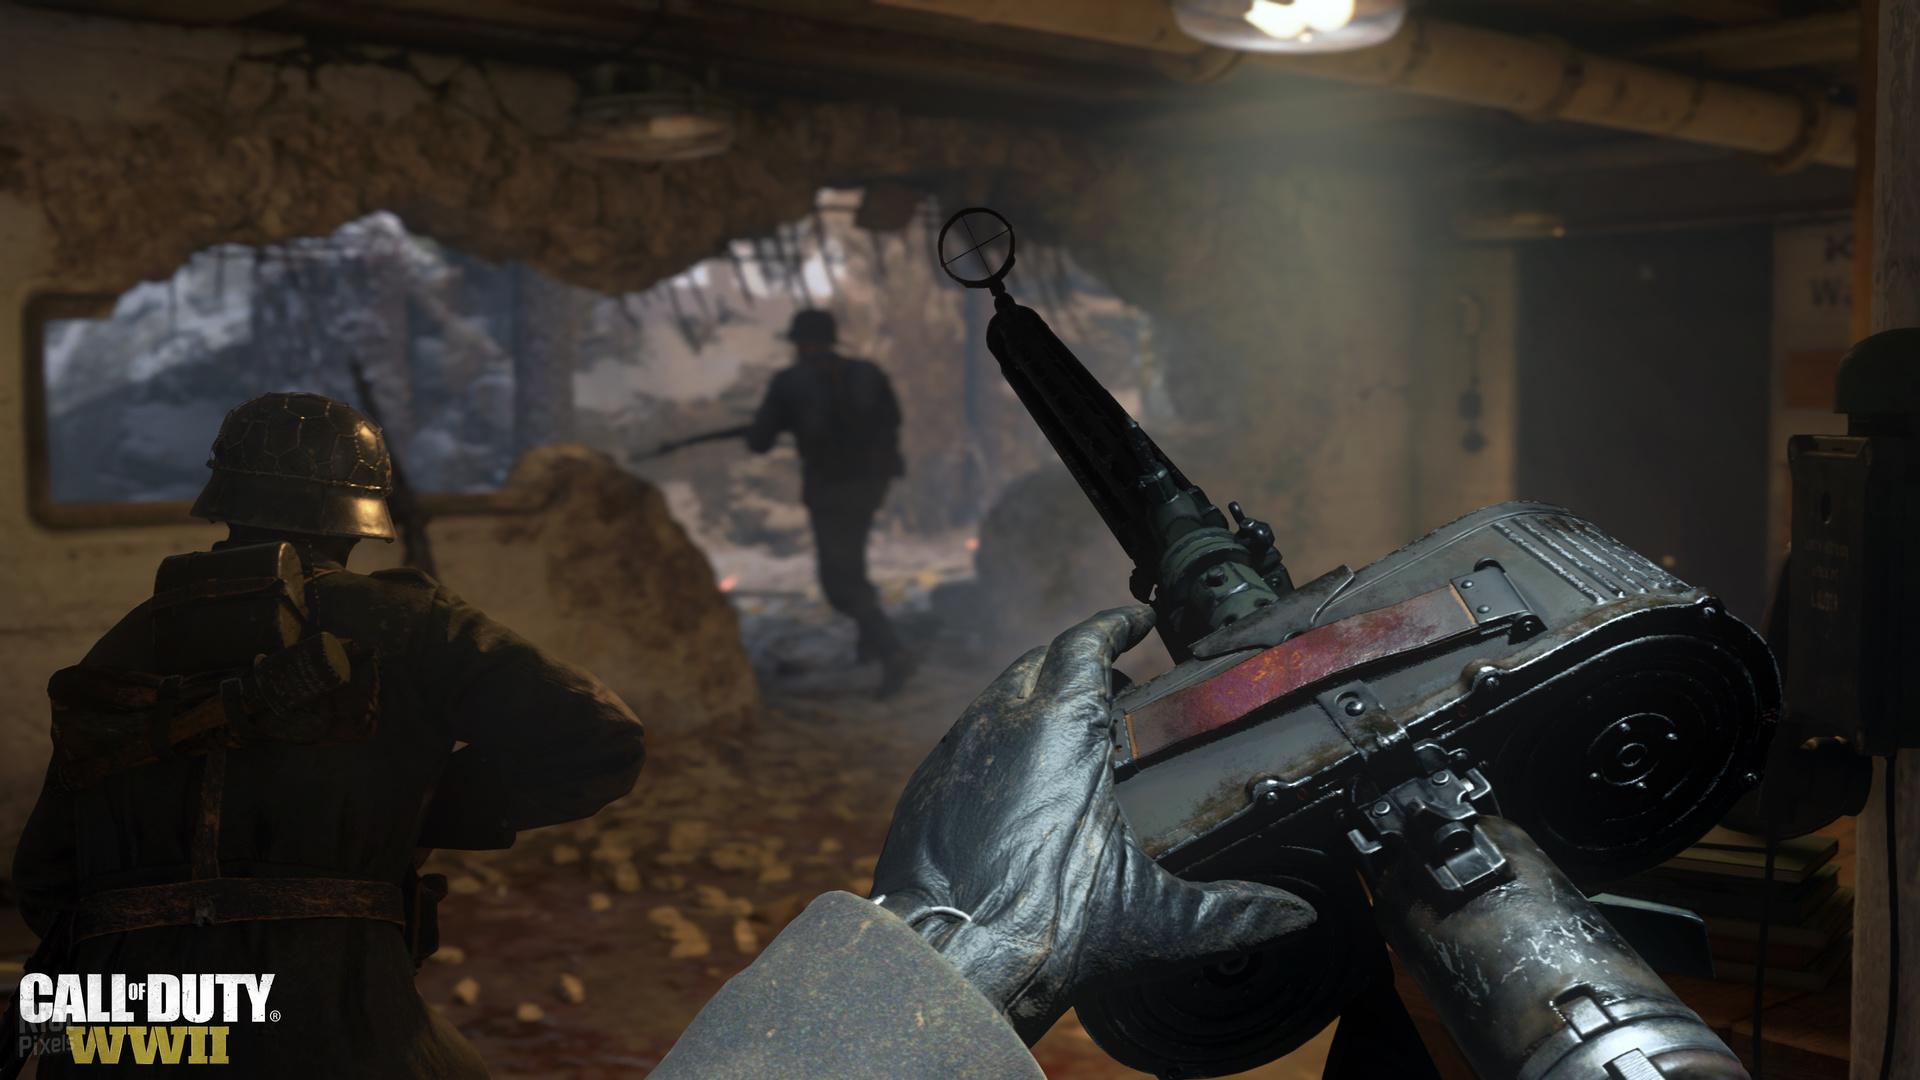 Call of Duty: WWII [Дополнение с мультиплеером и режимом зомби] (2017) PC   RePack от FitGirl